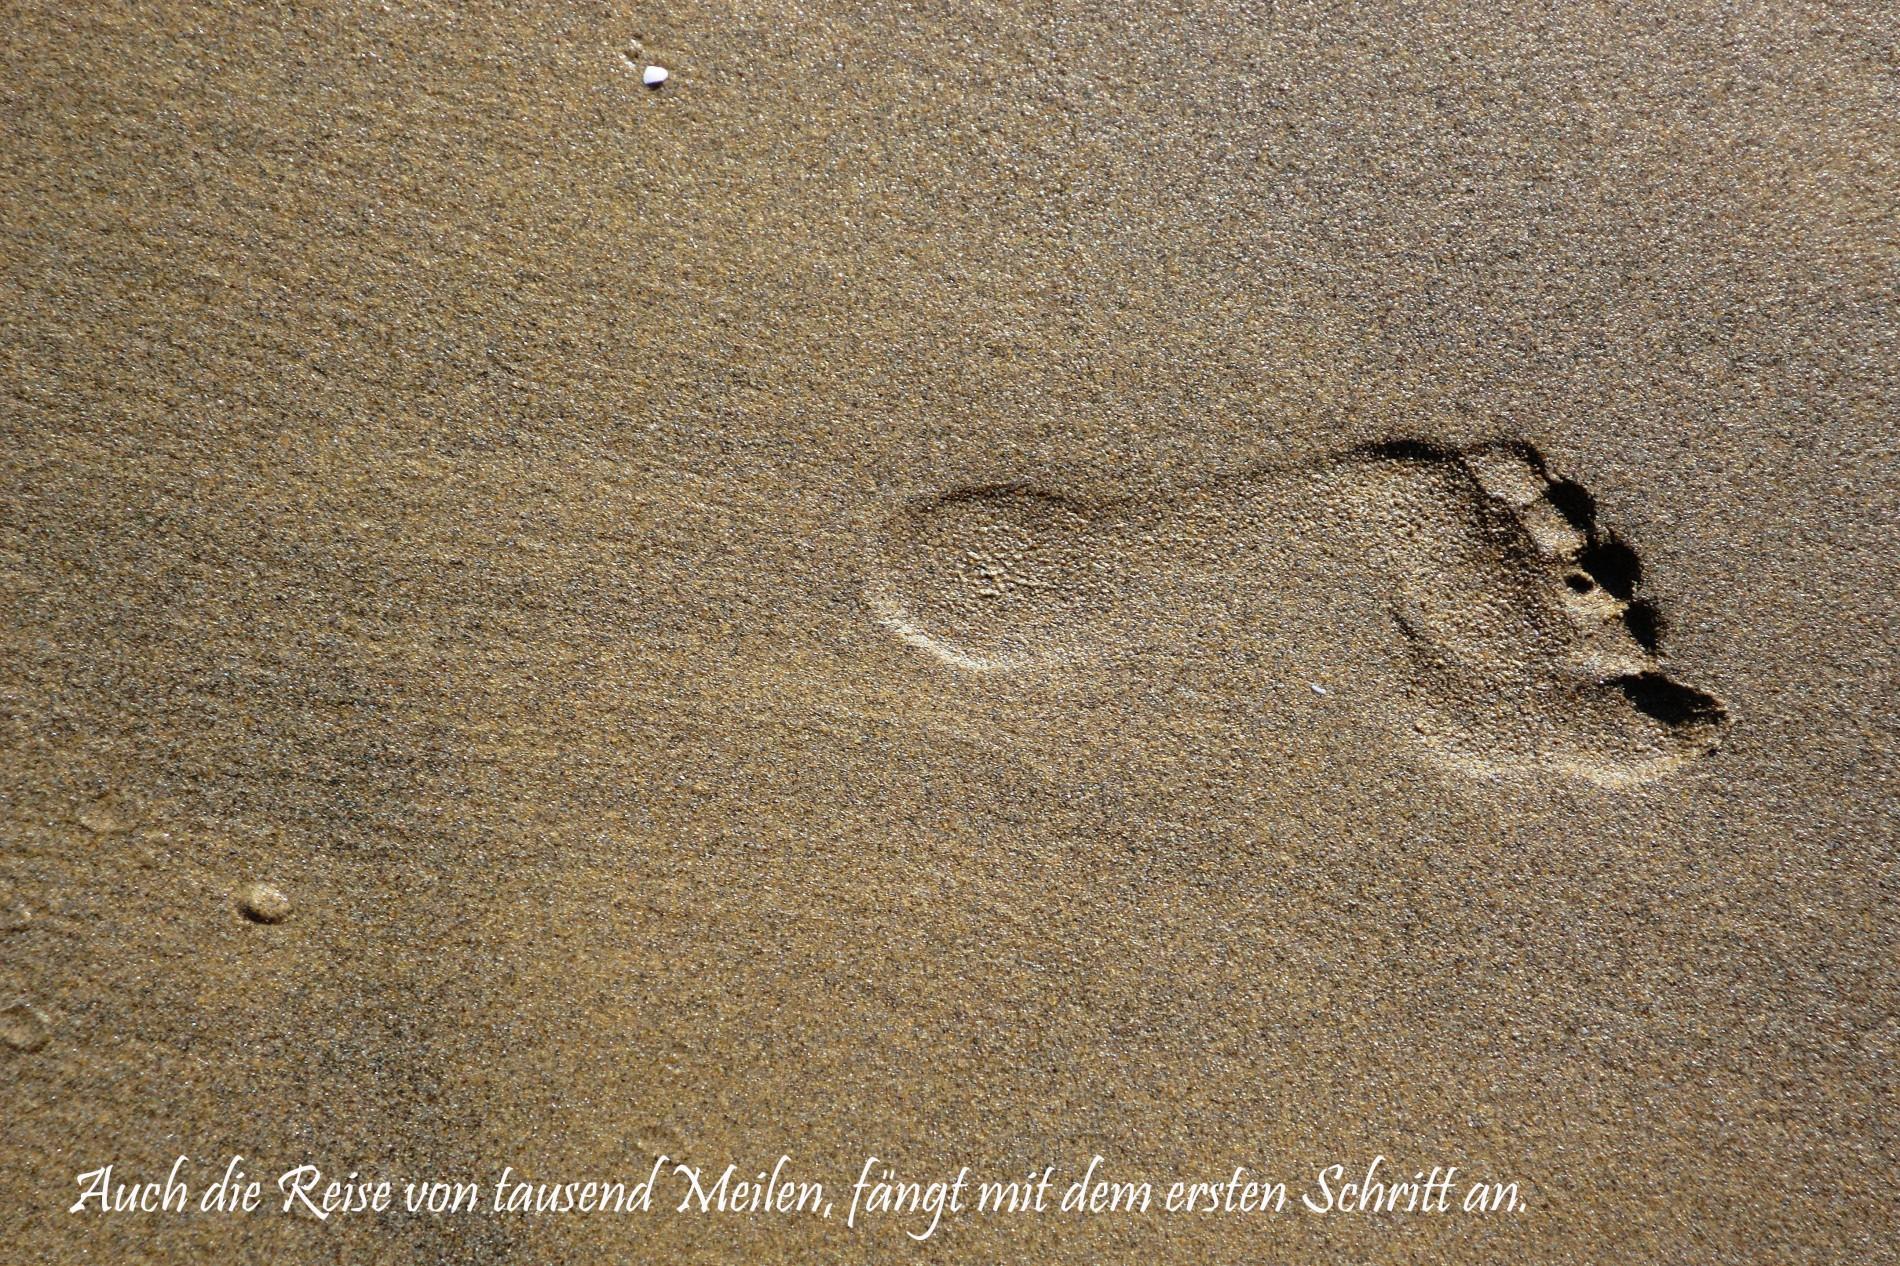 Fußabtritt-im-Sand